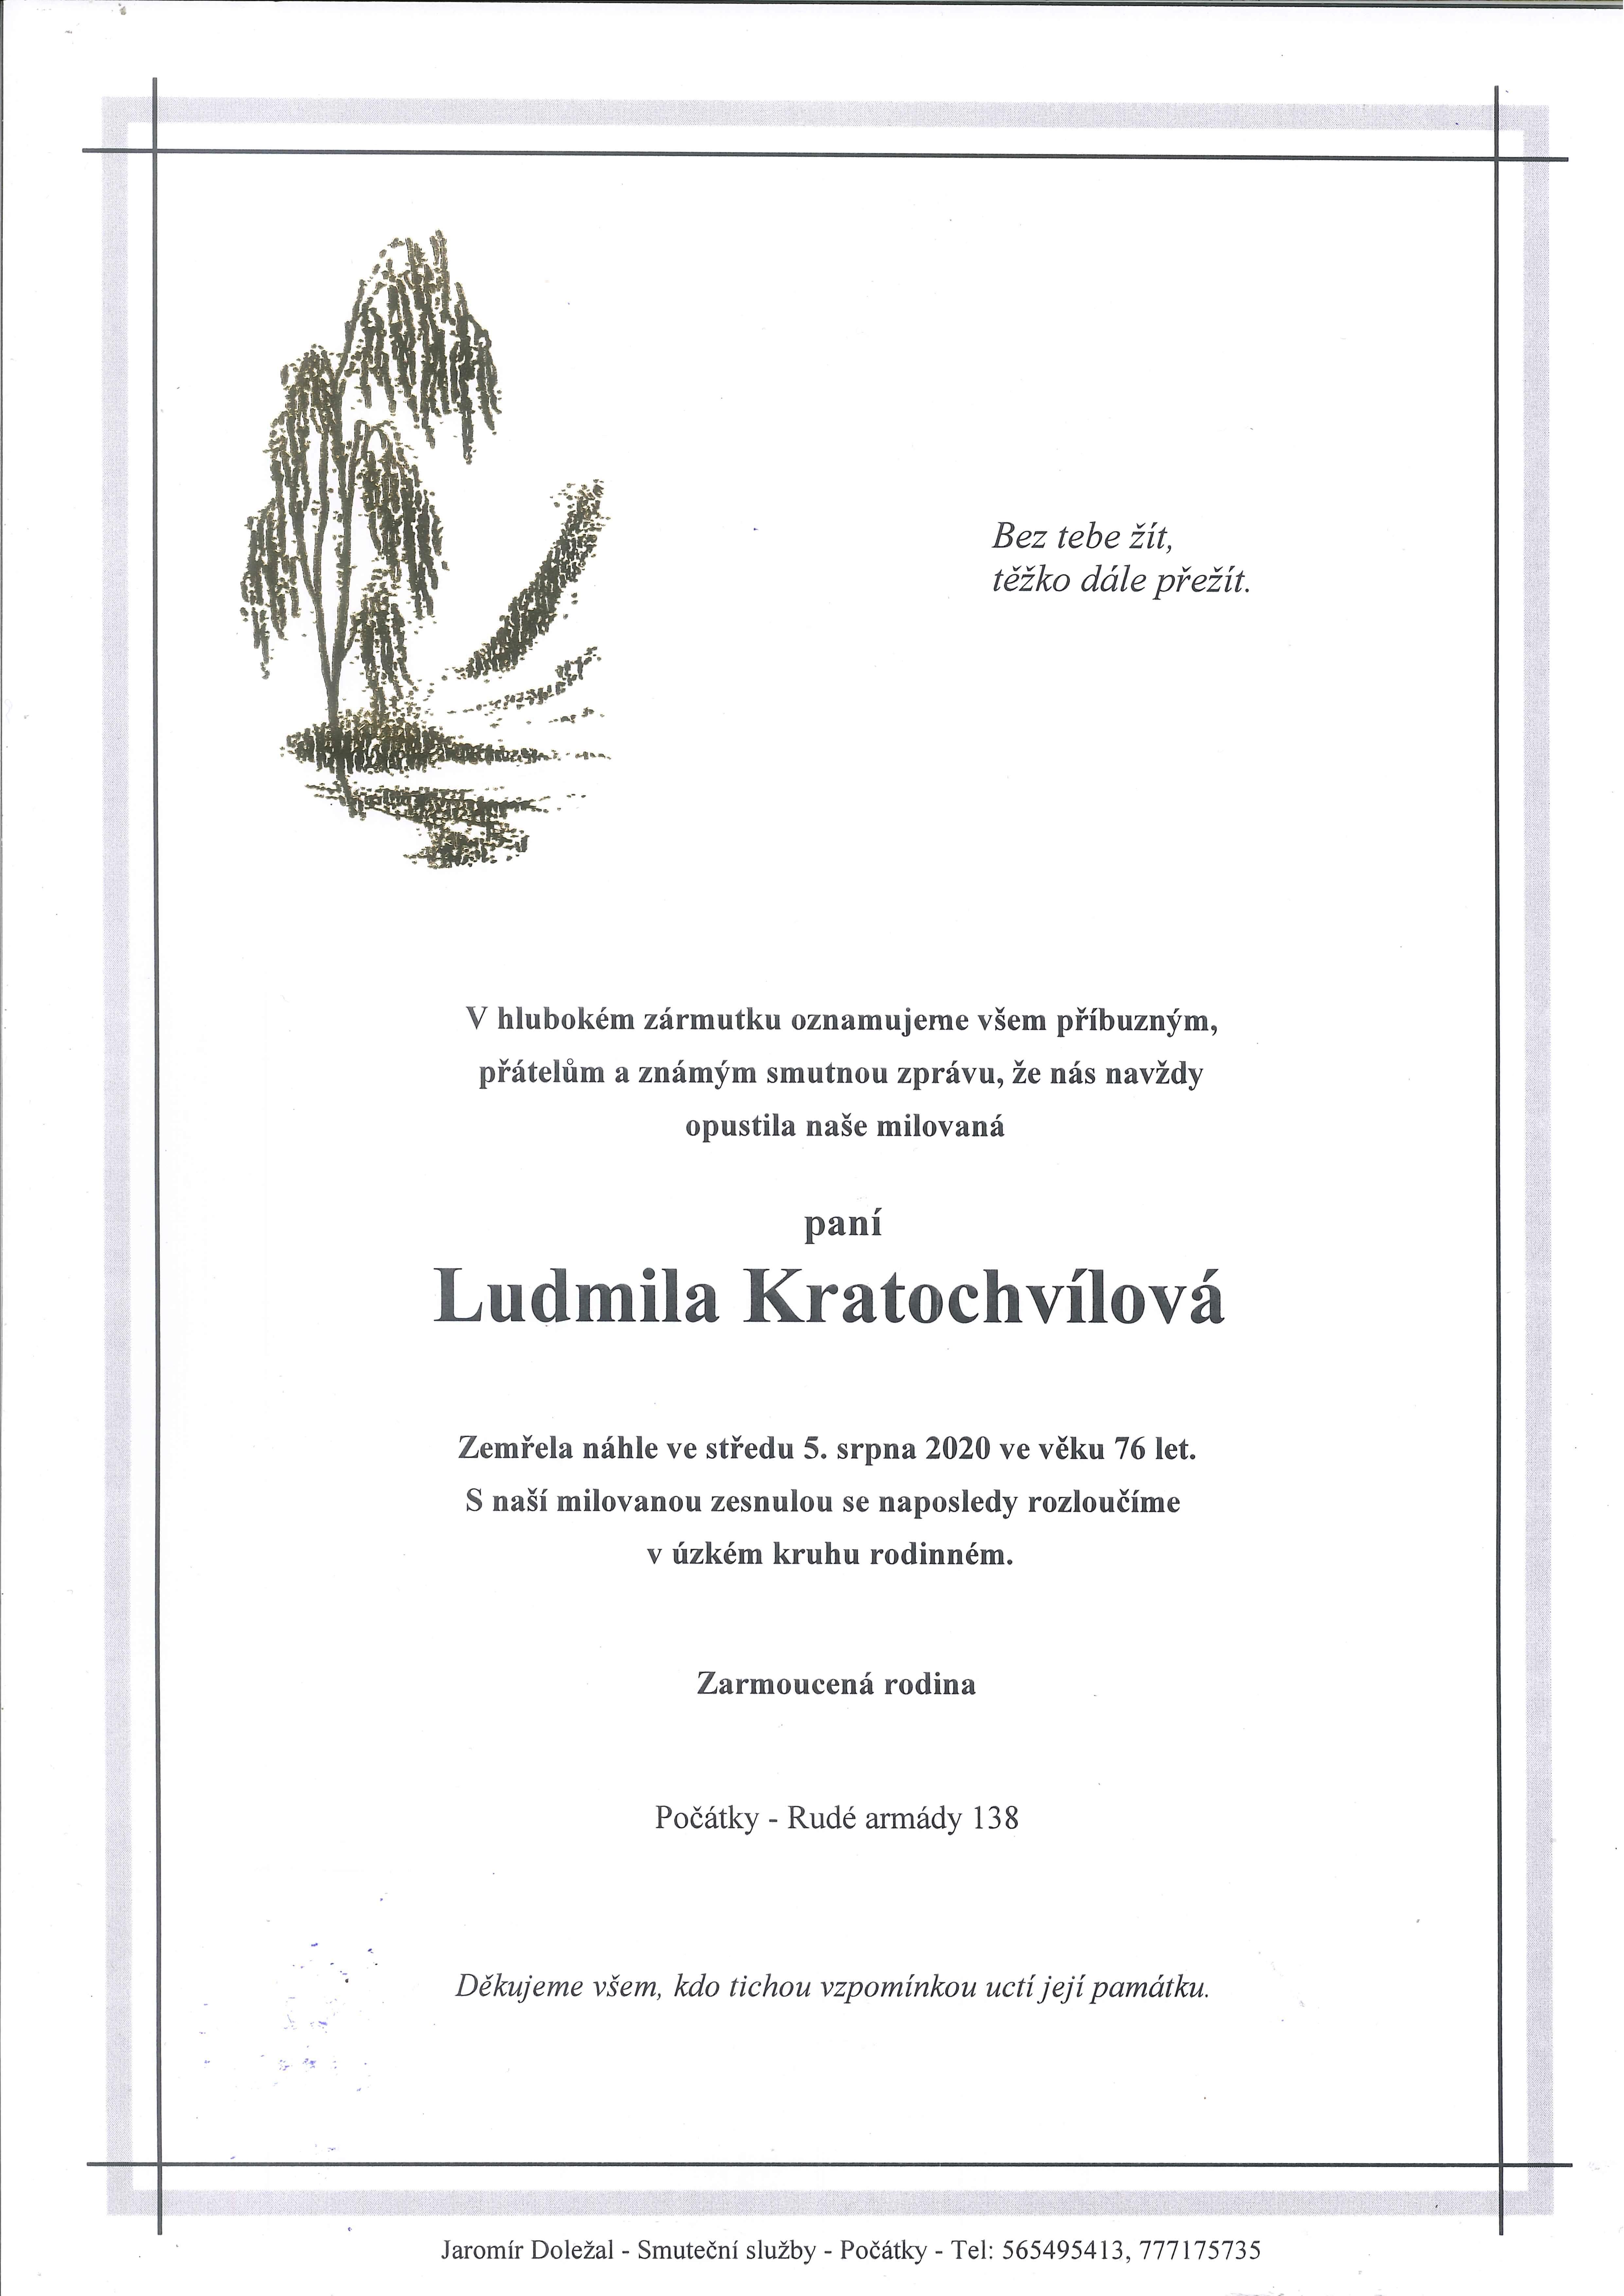 Ludmila Kratochvílová